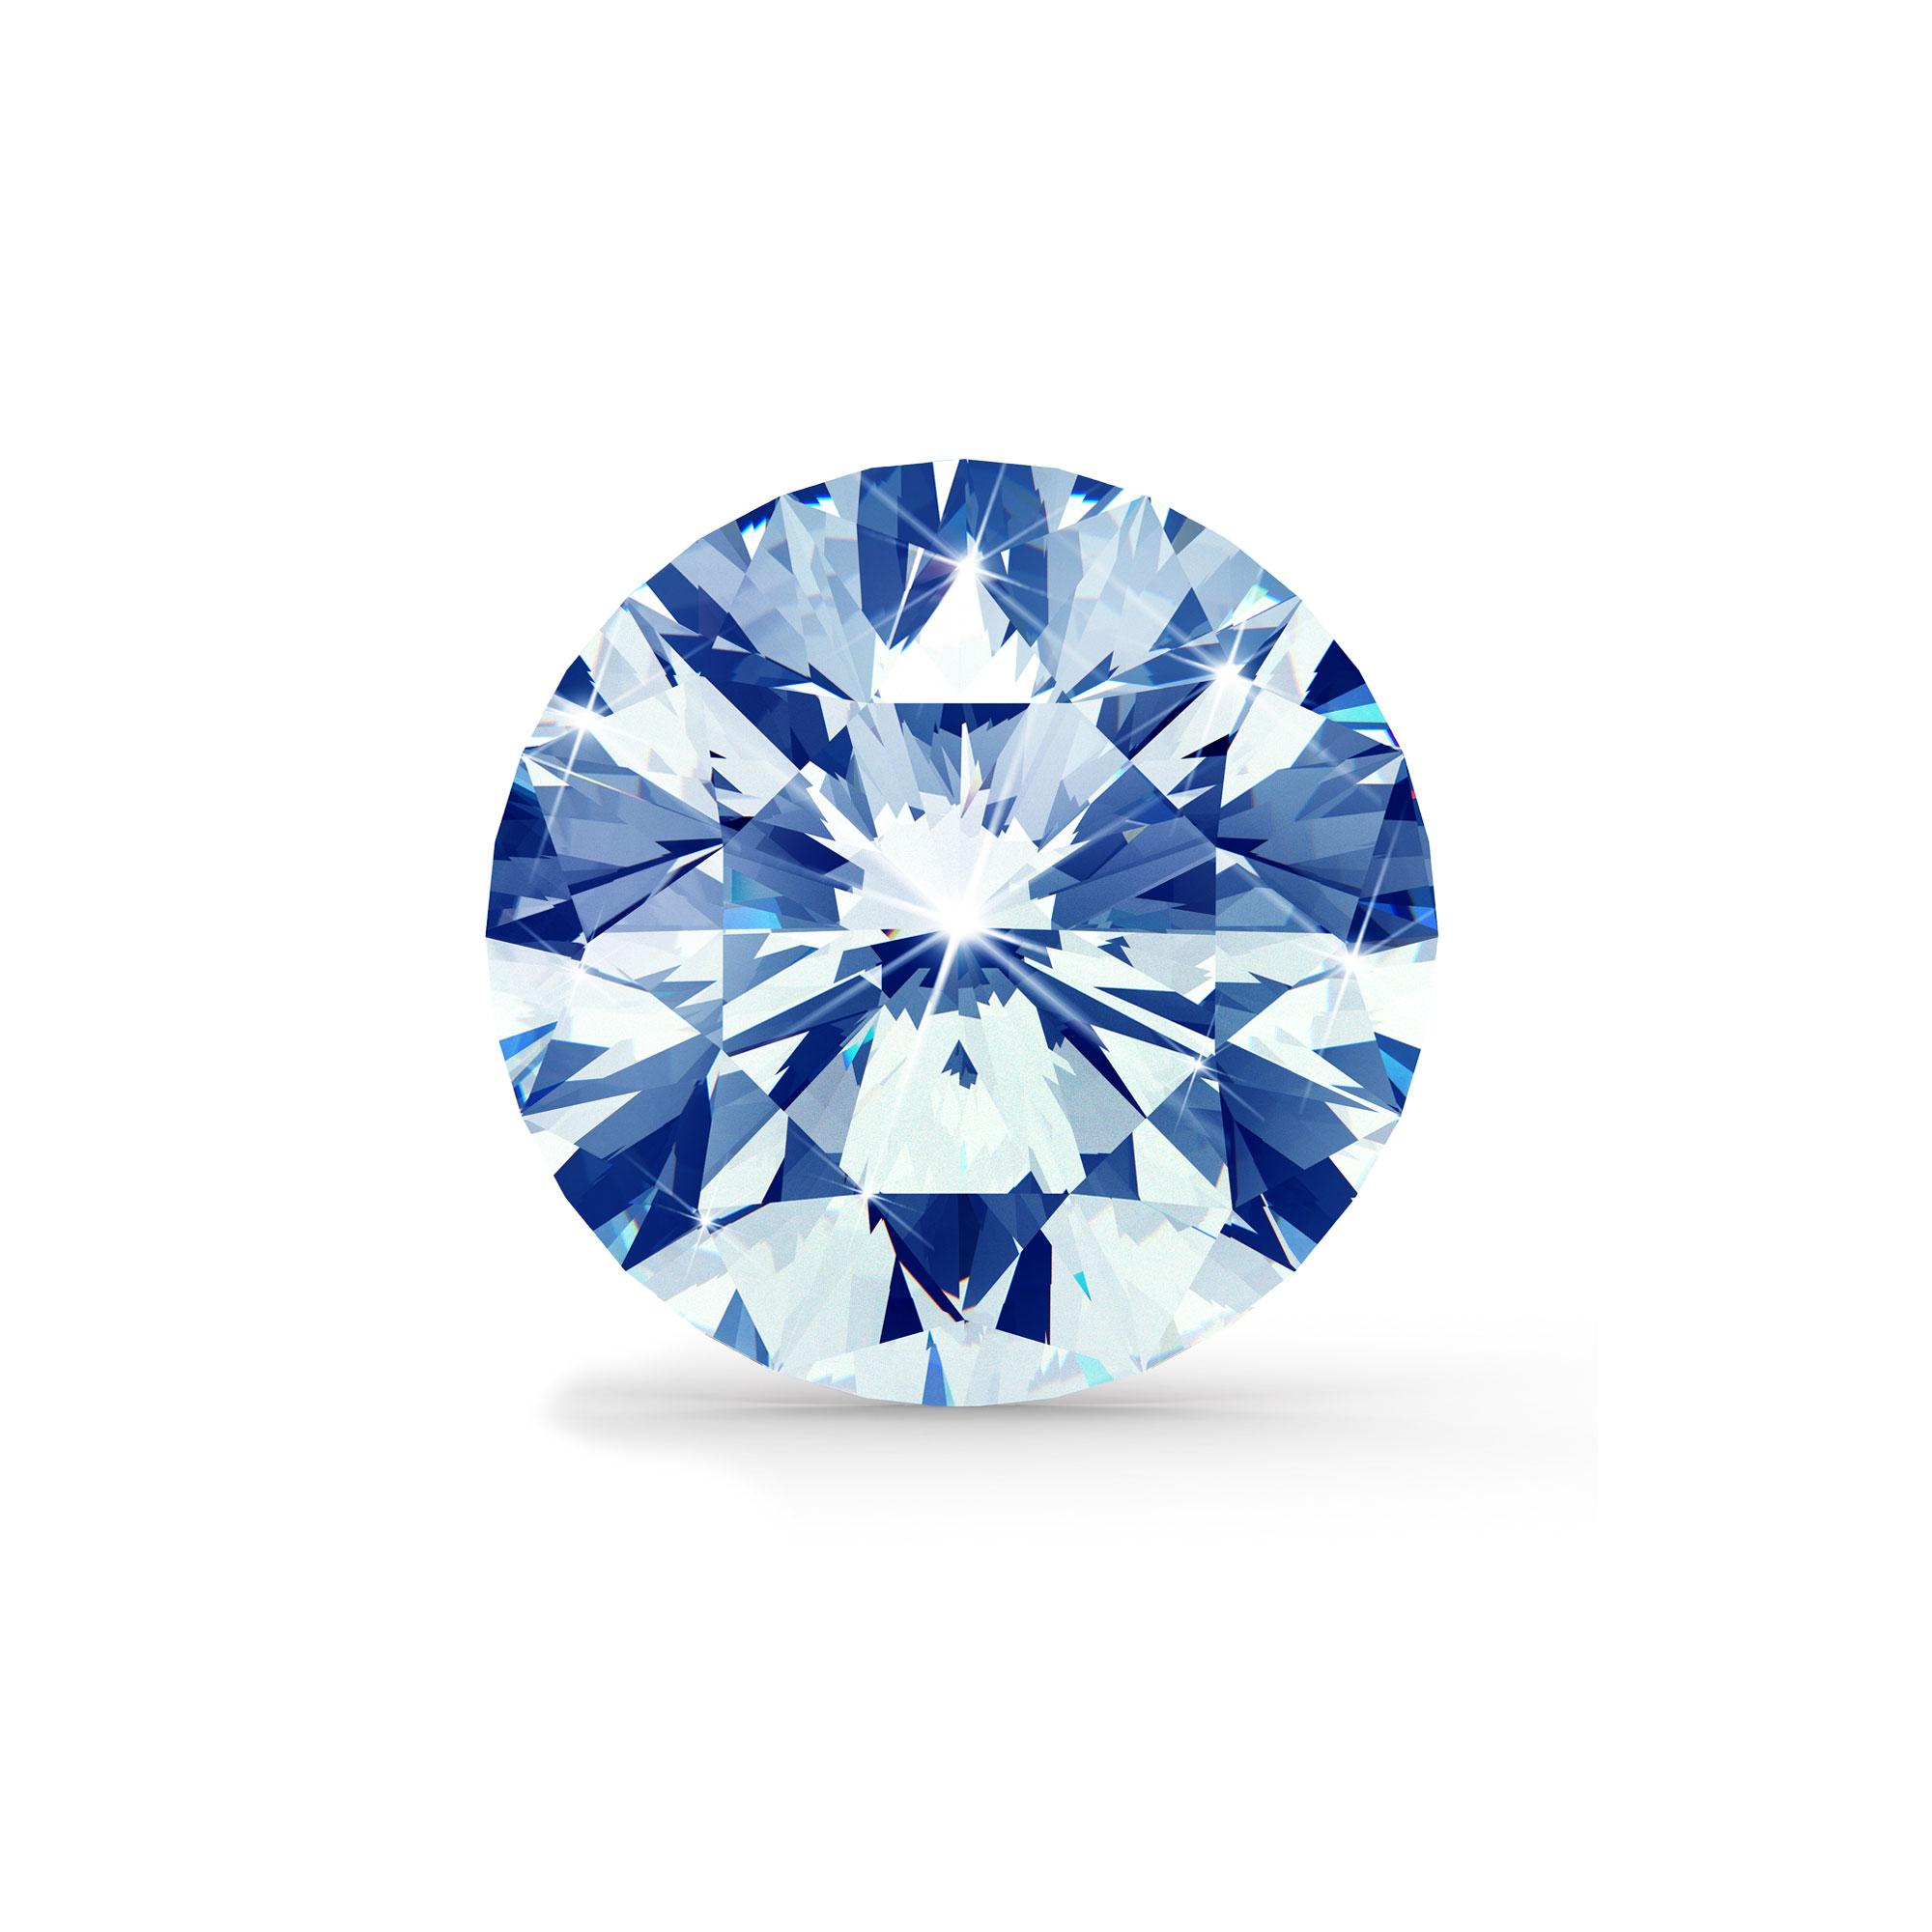 Blå diamant brilliant round cut